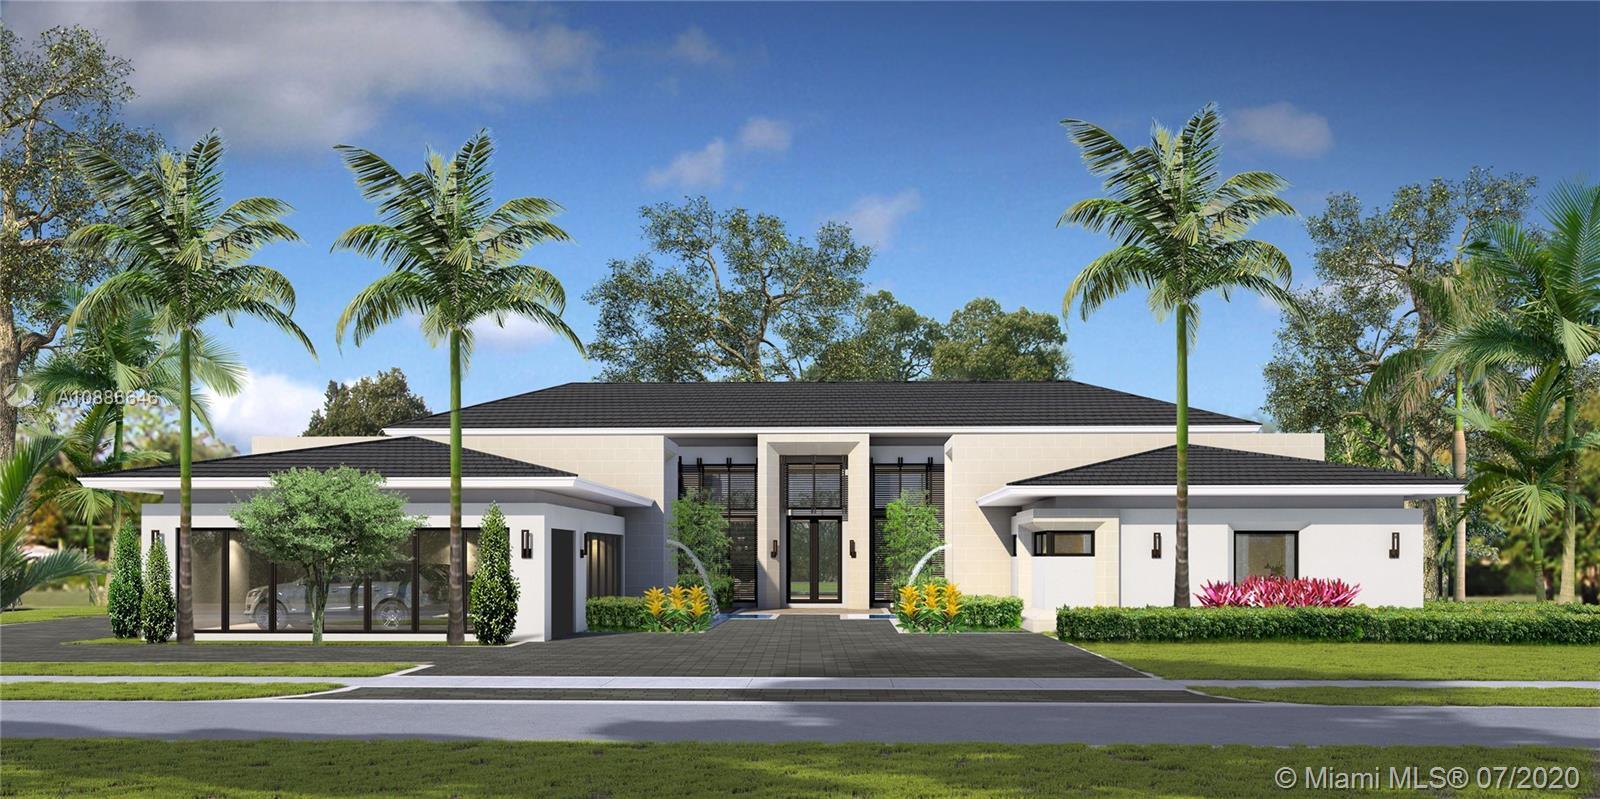 New River Estates - 1510 SW 149 TER, Davie, FL 33326